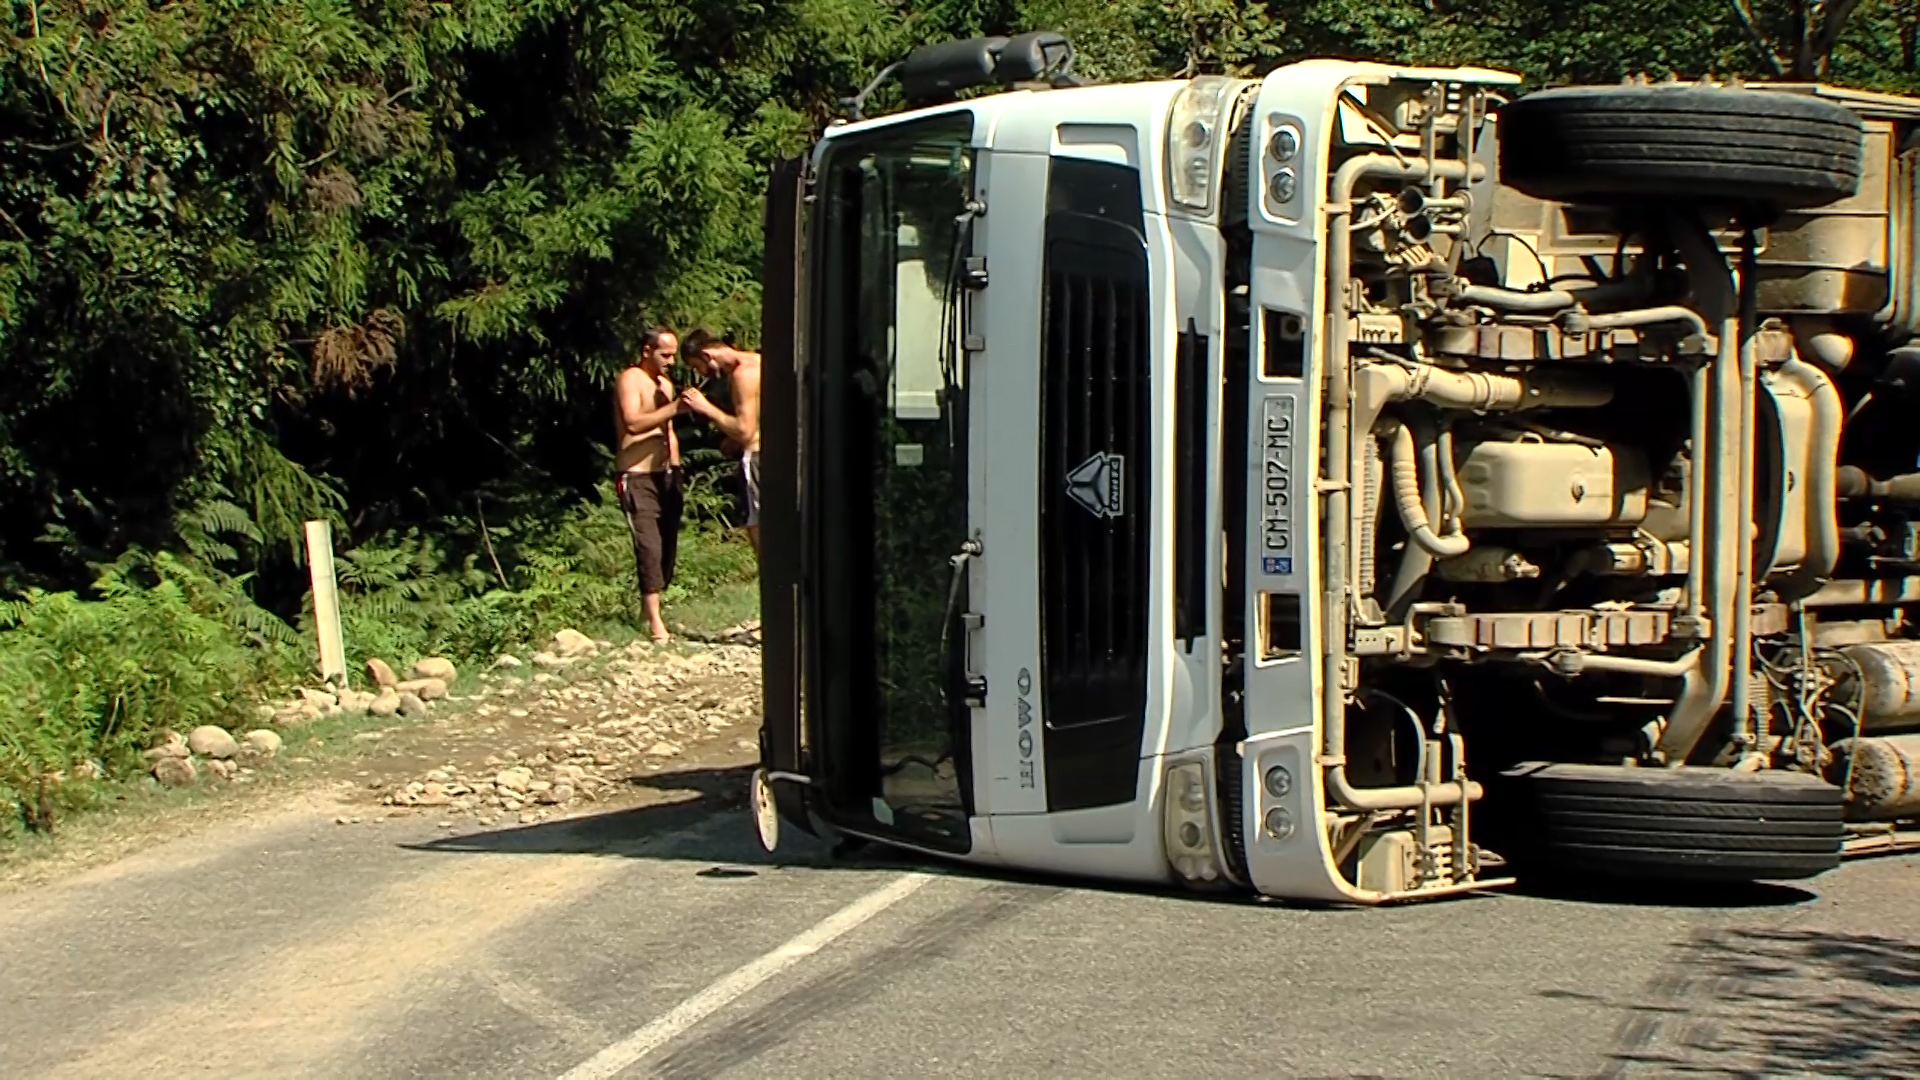 სოფელ მუხაესტატეში სატვირთო ავტომობილი გადაბრუნდა